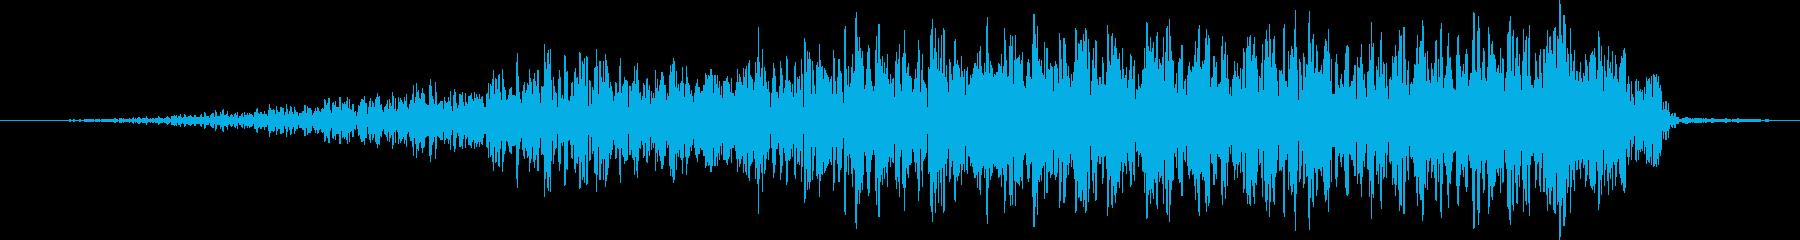 エアヒューッシュスイーパー1の再生済みの波形